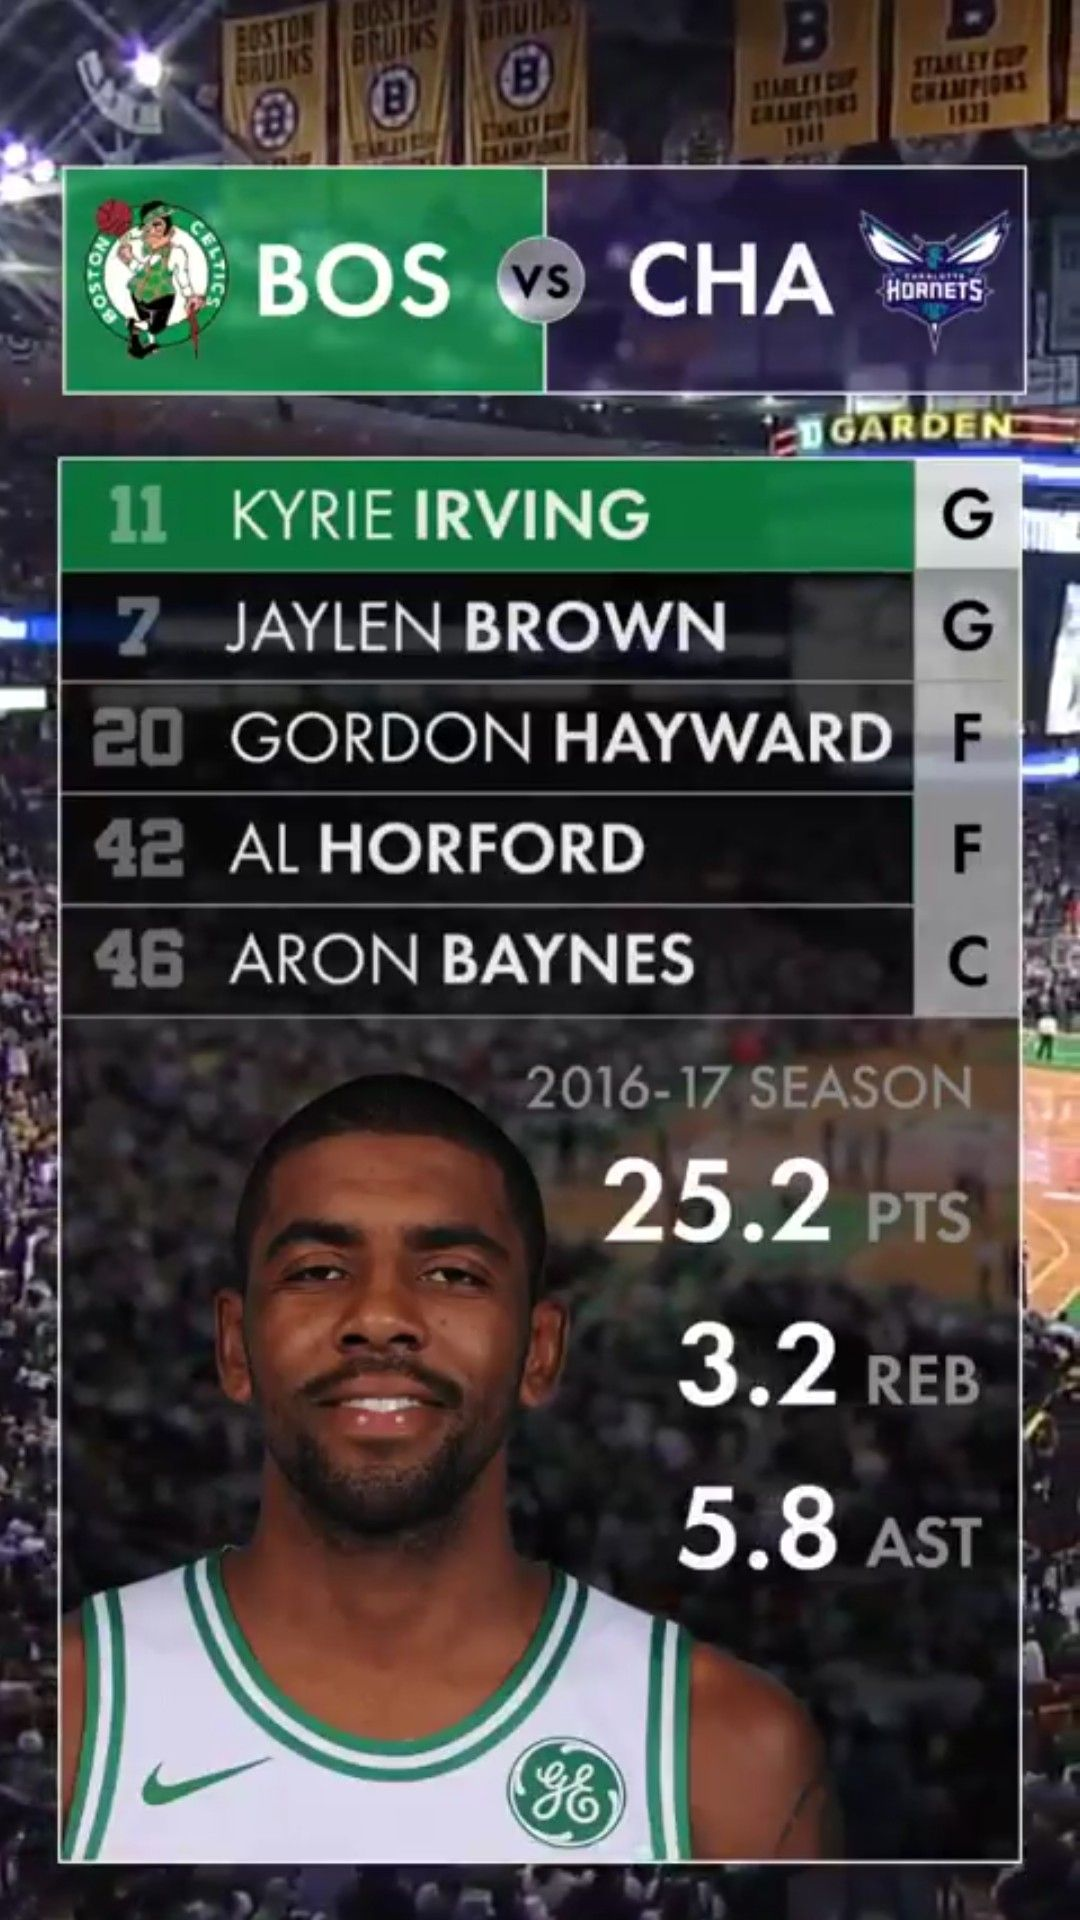 Kyrie Irving stats | Kyrie irving stats, Kyrie irving, Kyrie